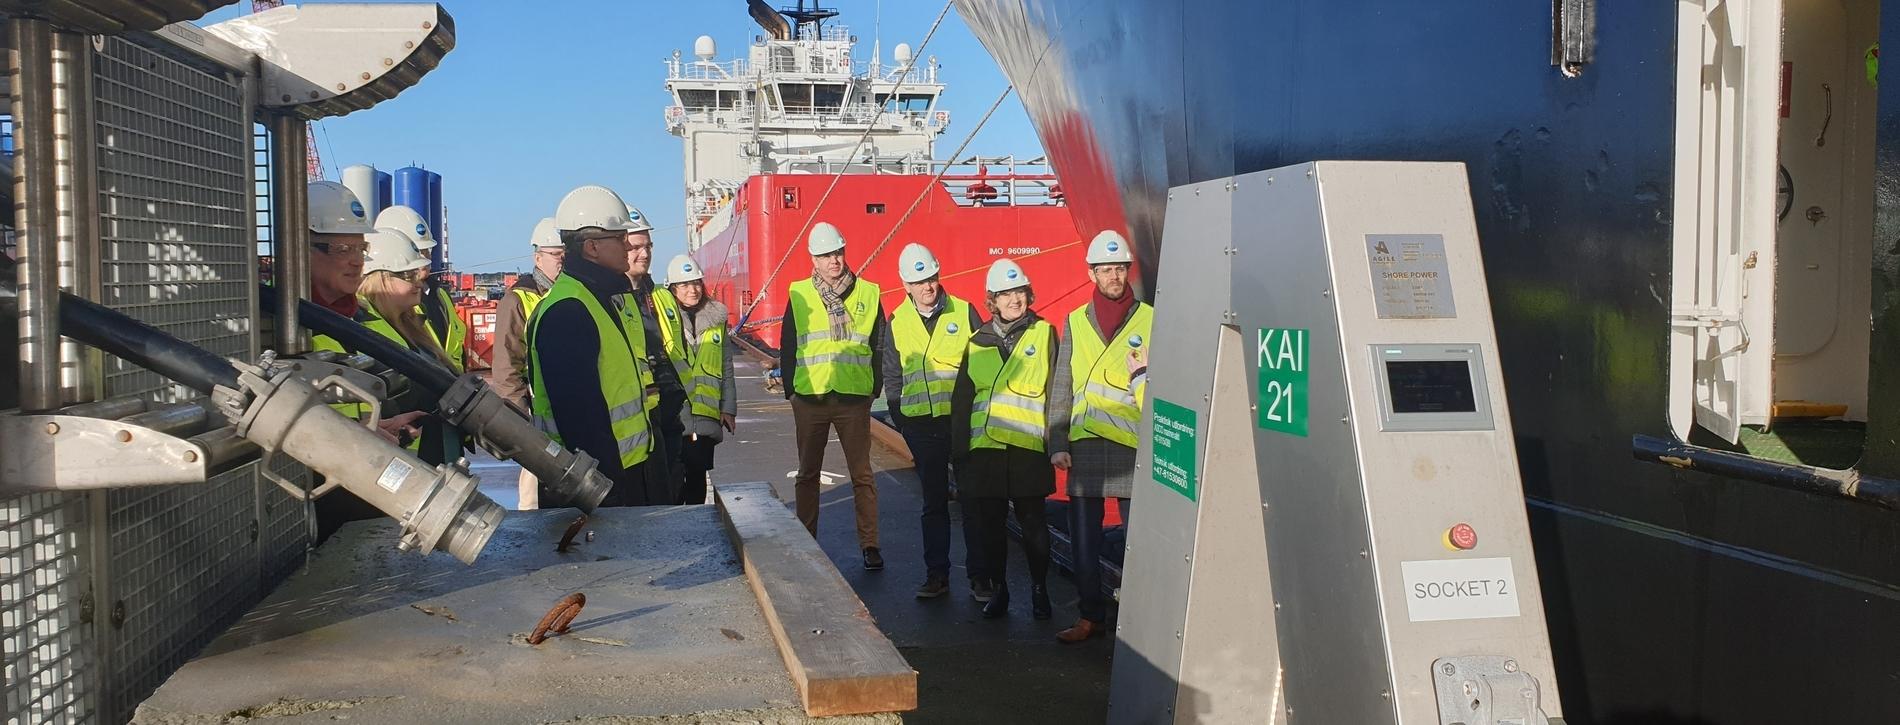 På kaien står deltakere i Elnett21 sammen med journalister i gule vester og hvite hjelmer ved siden av landstrømanlegget. Et rødt offshorefartøy ligger til kai bak dem.